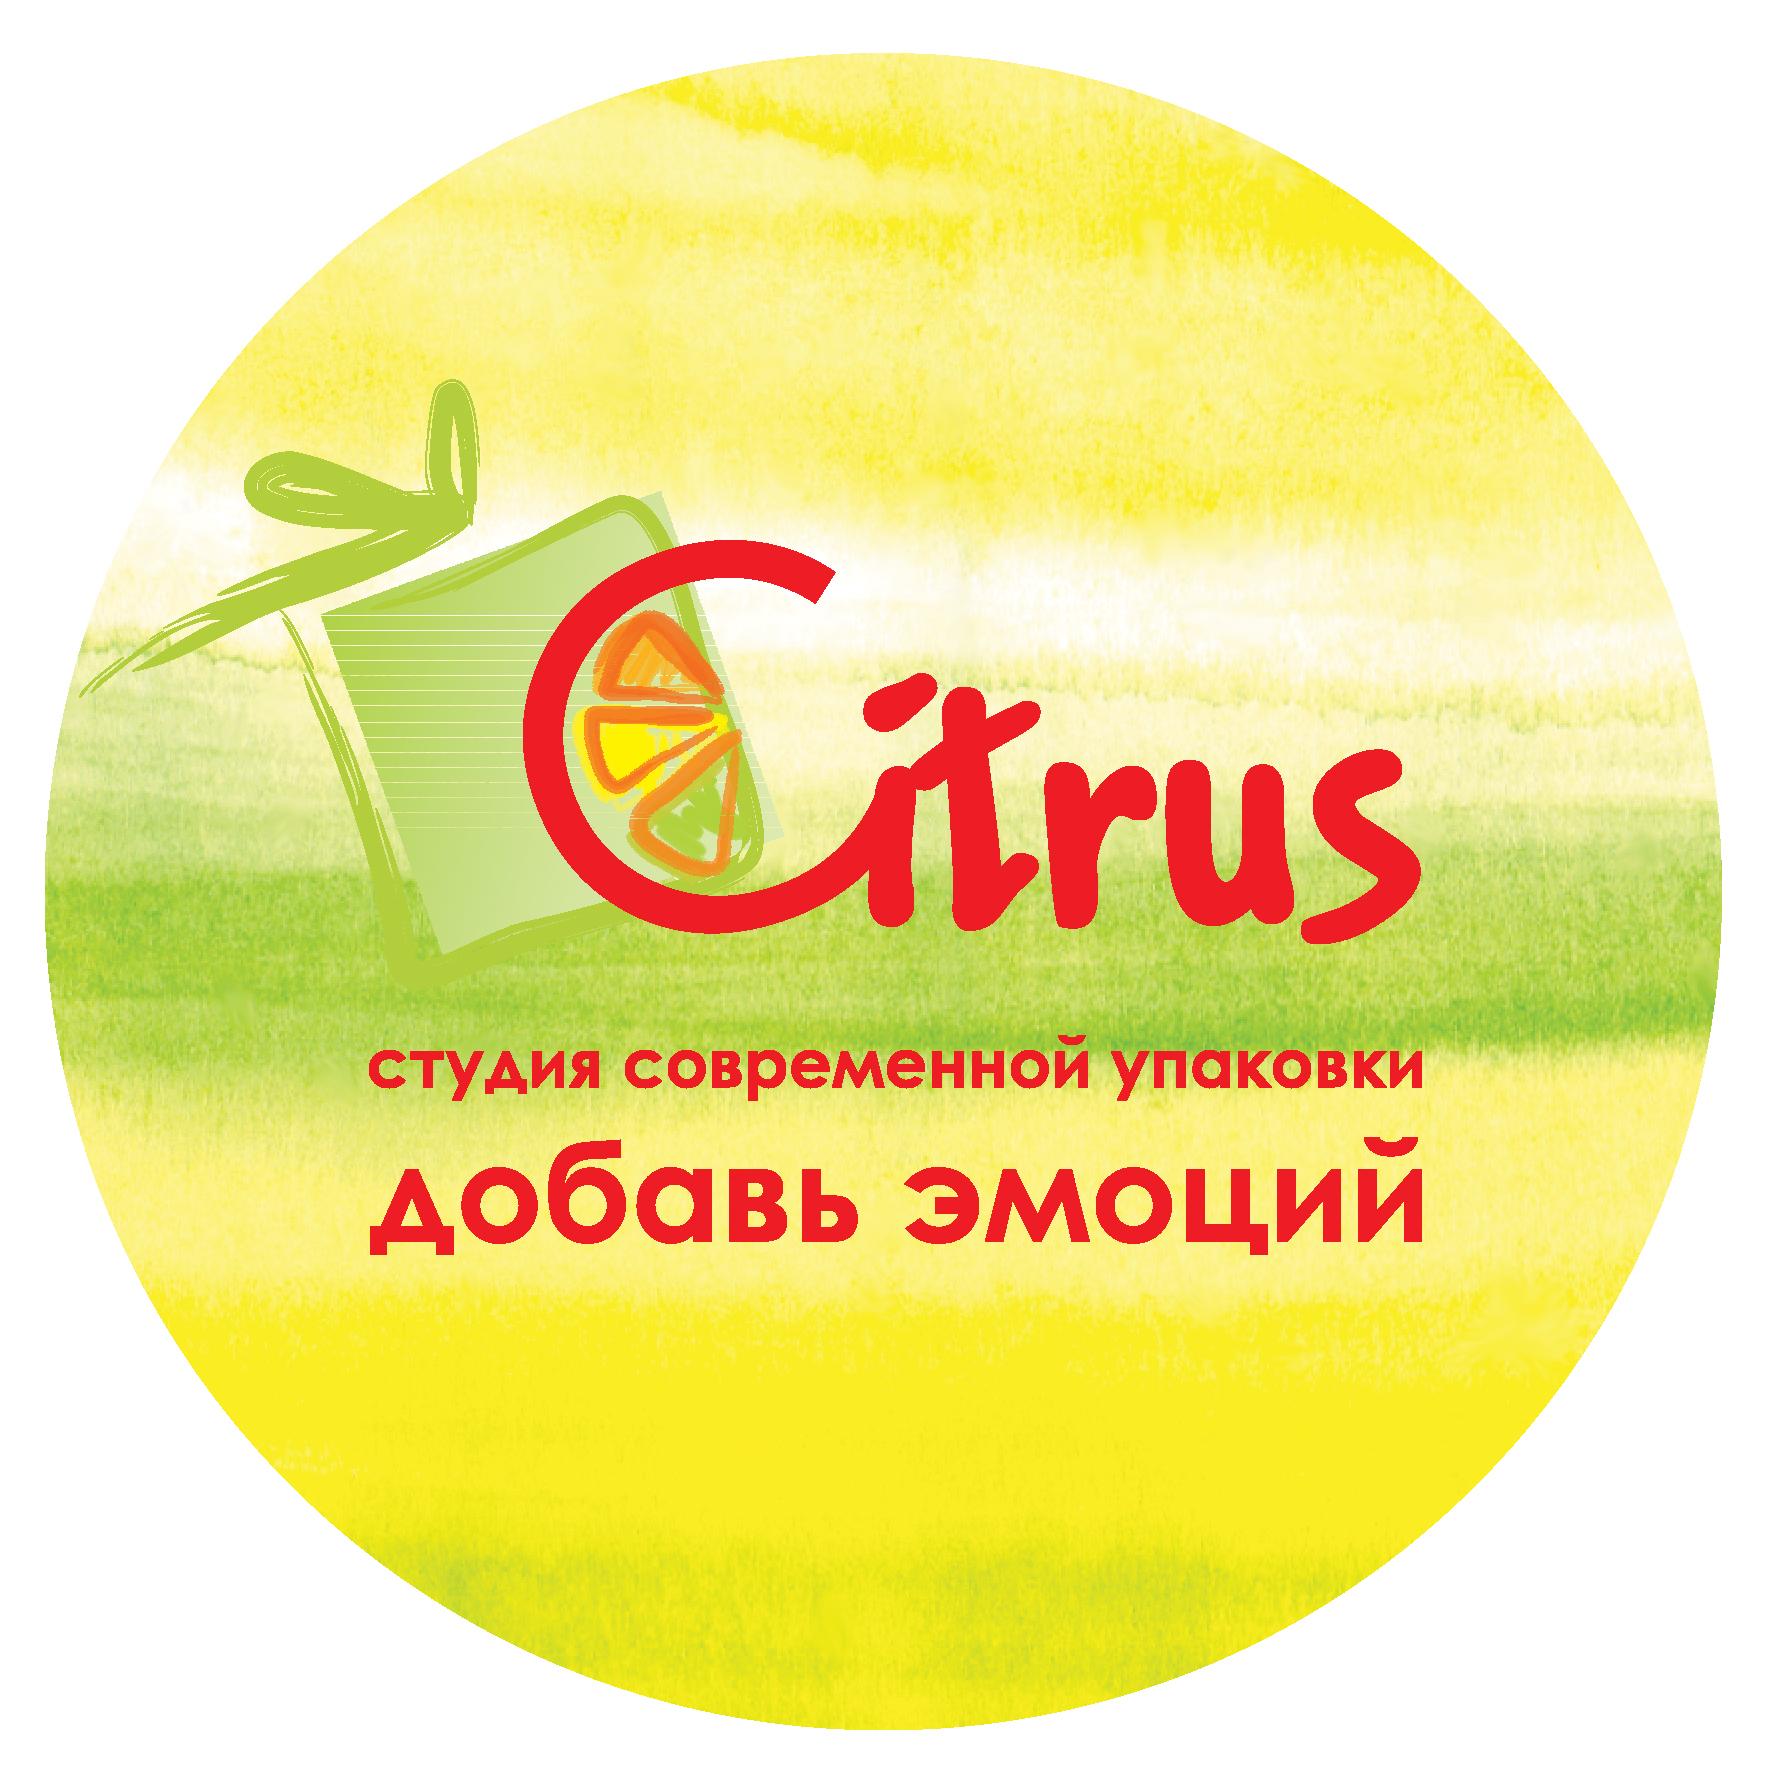 Citrus – сеть студий современной упаковки